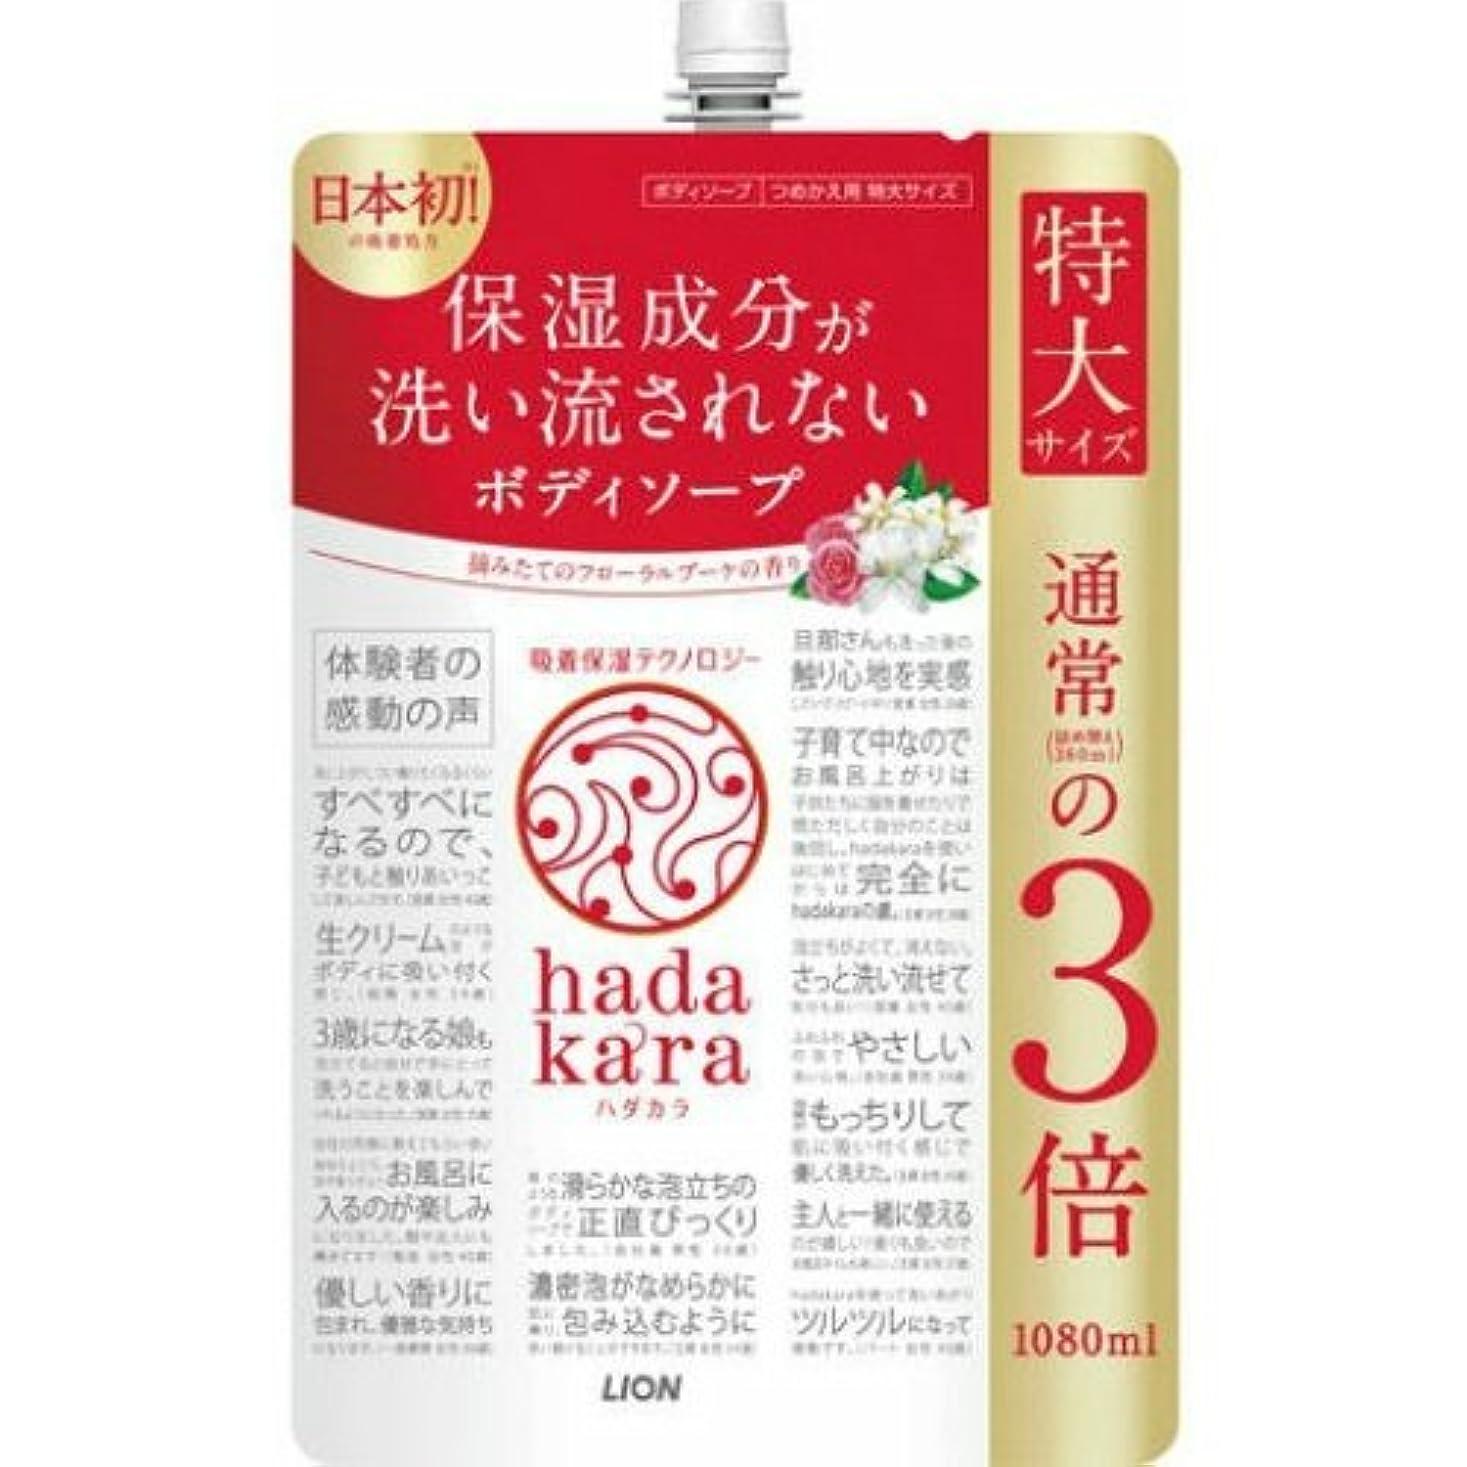 知覚的危険な安全でないLION ライオン hadakara ハダカラ ボディソープ フローラルブーケの香り つめかえ用 特大サイズ 1080ml ×006点セット(4903301260875)